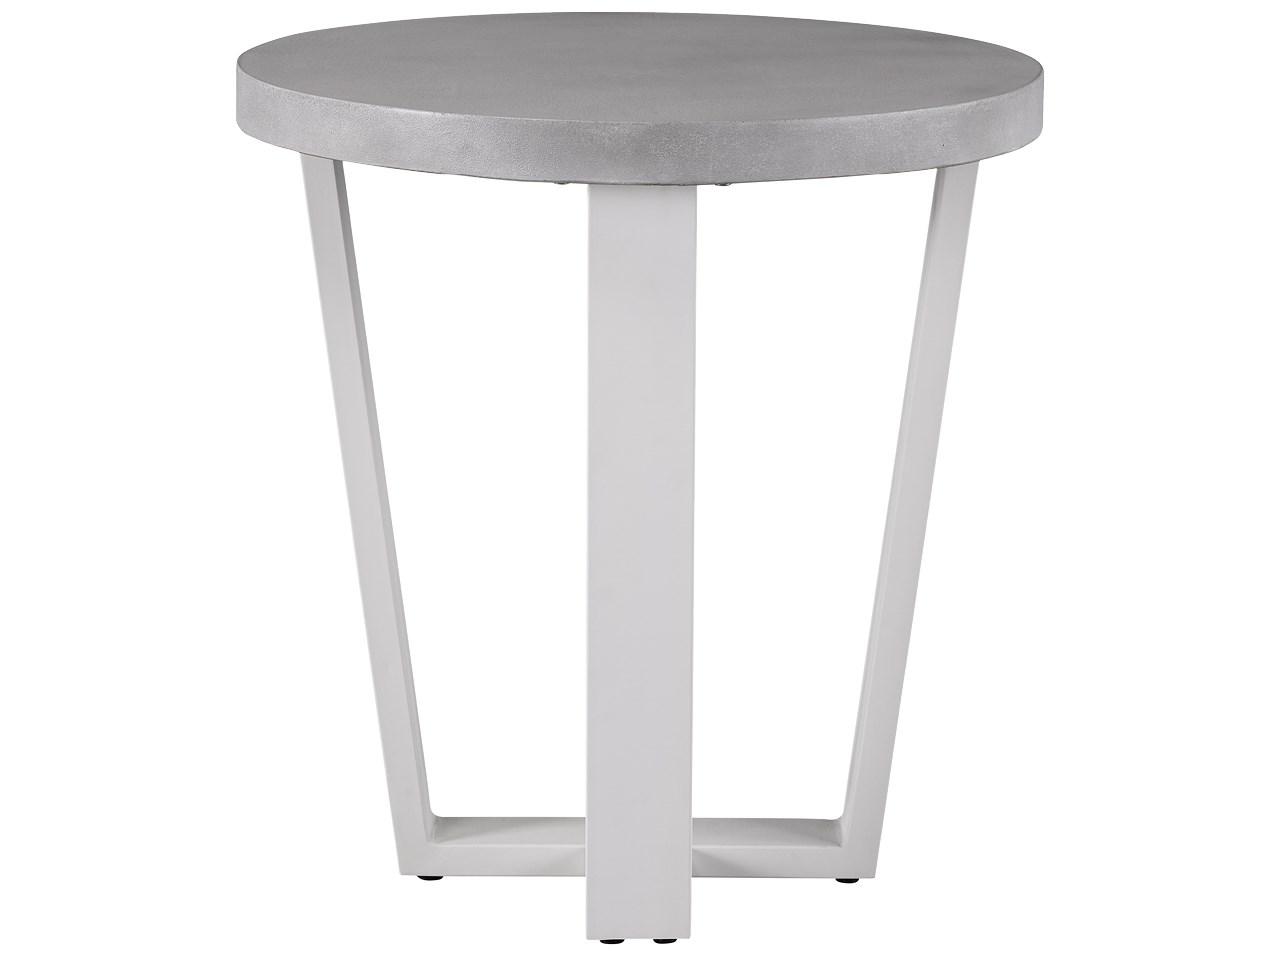 South Beach Patio Table